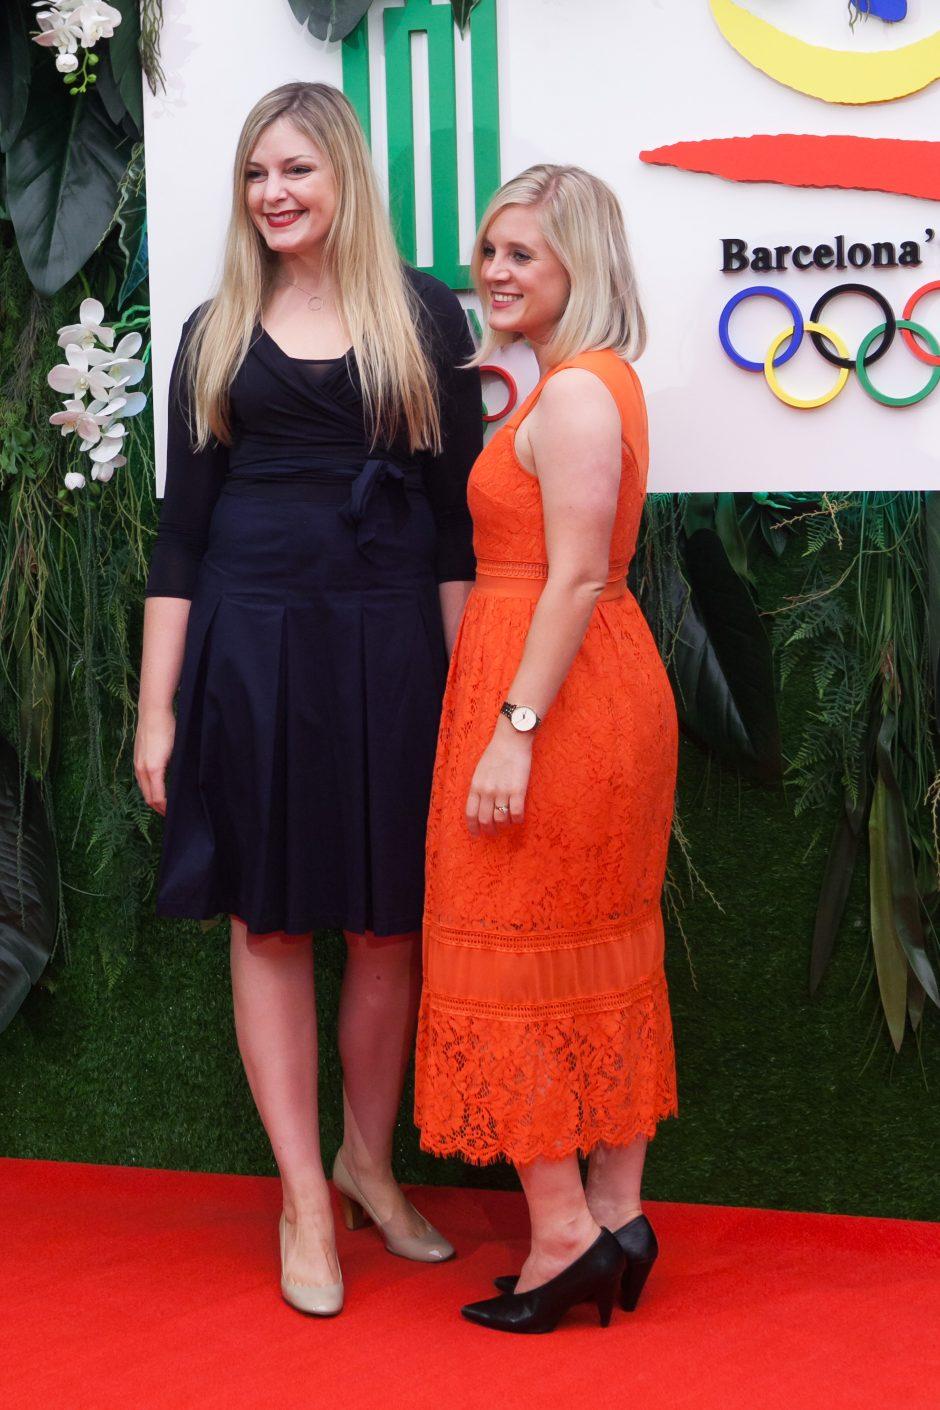 Barselonos olimpiados sukakties minėjimas